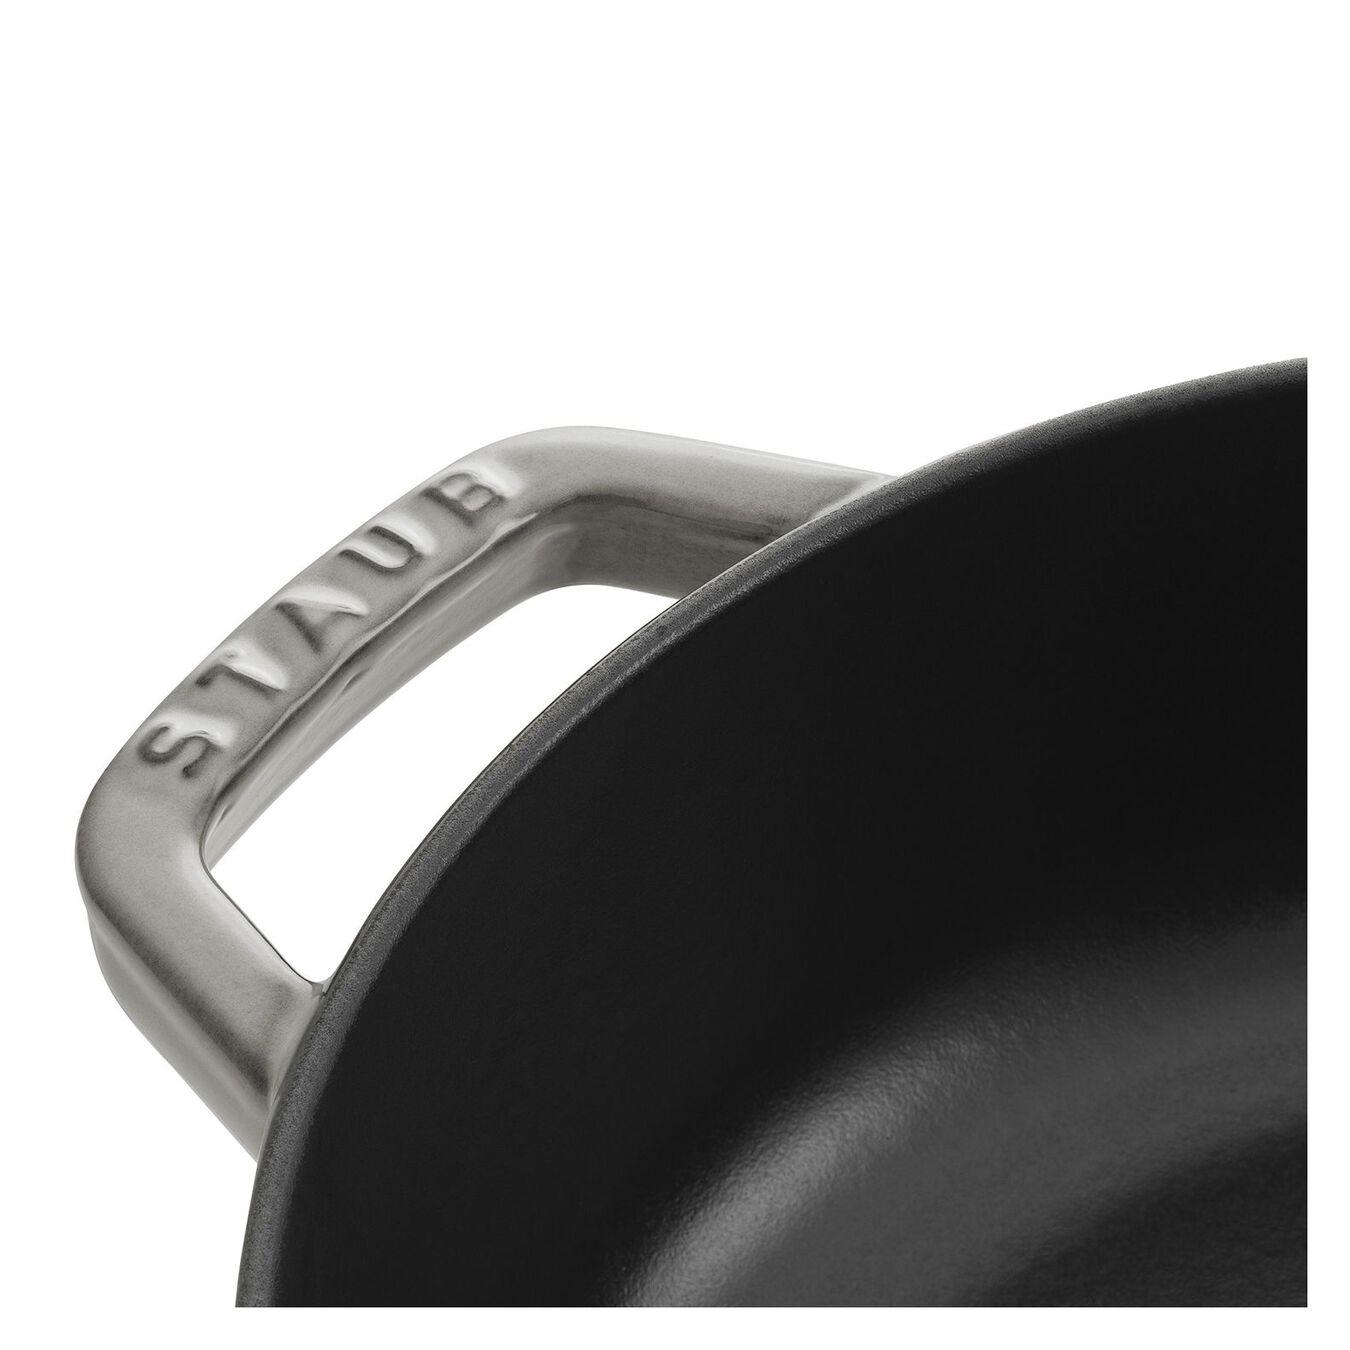 Tegame Chistera rotondo - 24 cm, grigio grafite,,large 8